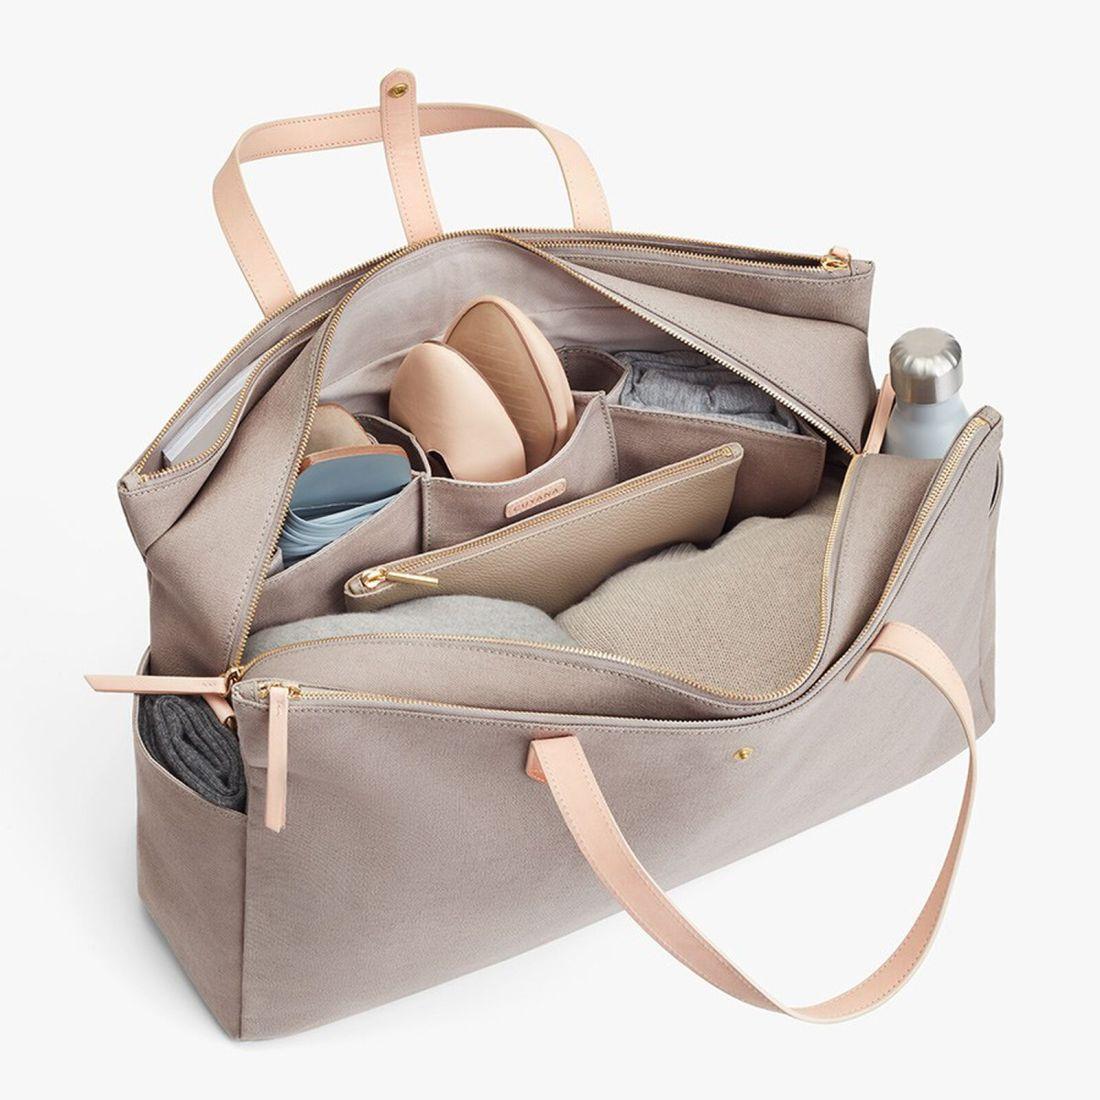 Product image of Cuyana Triple Zipper Weekender Bag in Soft Grey Detail